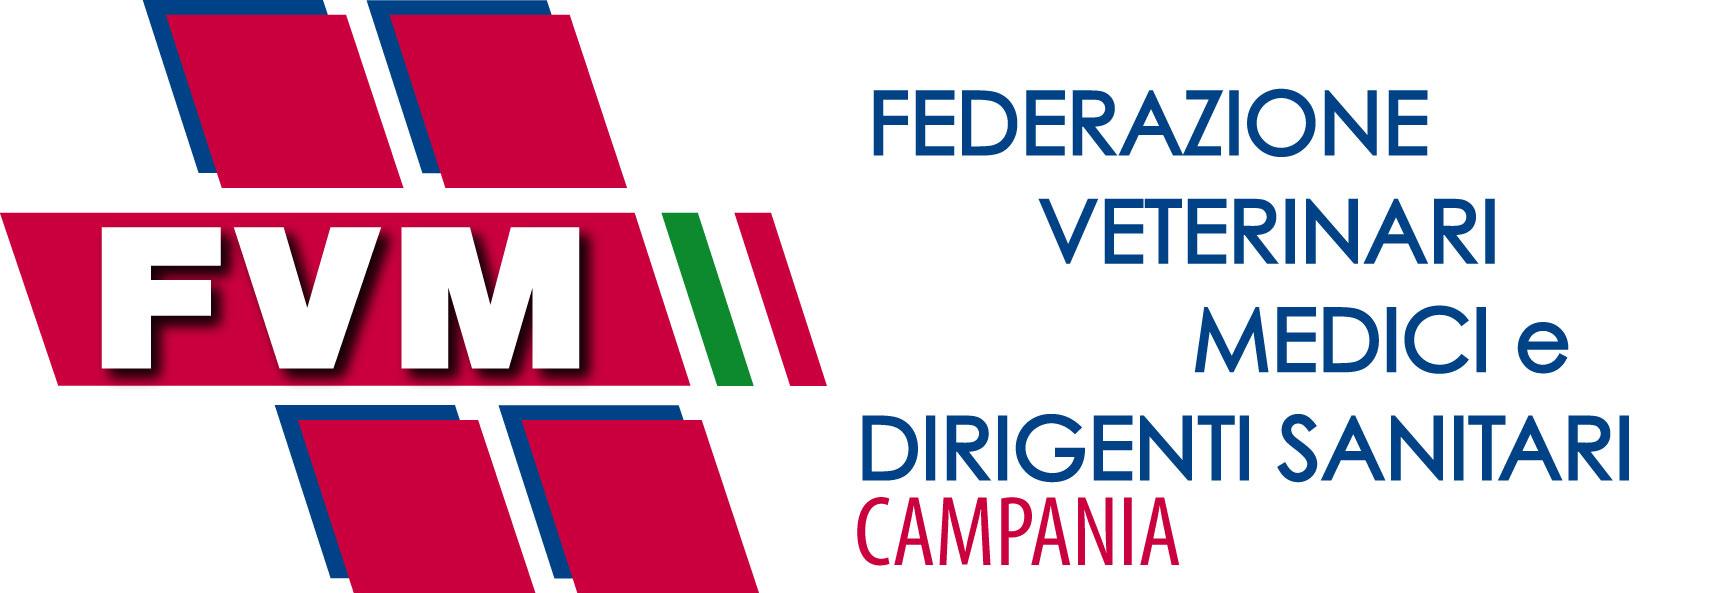 FVM Campania: approvata la Piattaforma regionale unitaria art 8 CCNL 19_12_2019